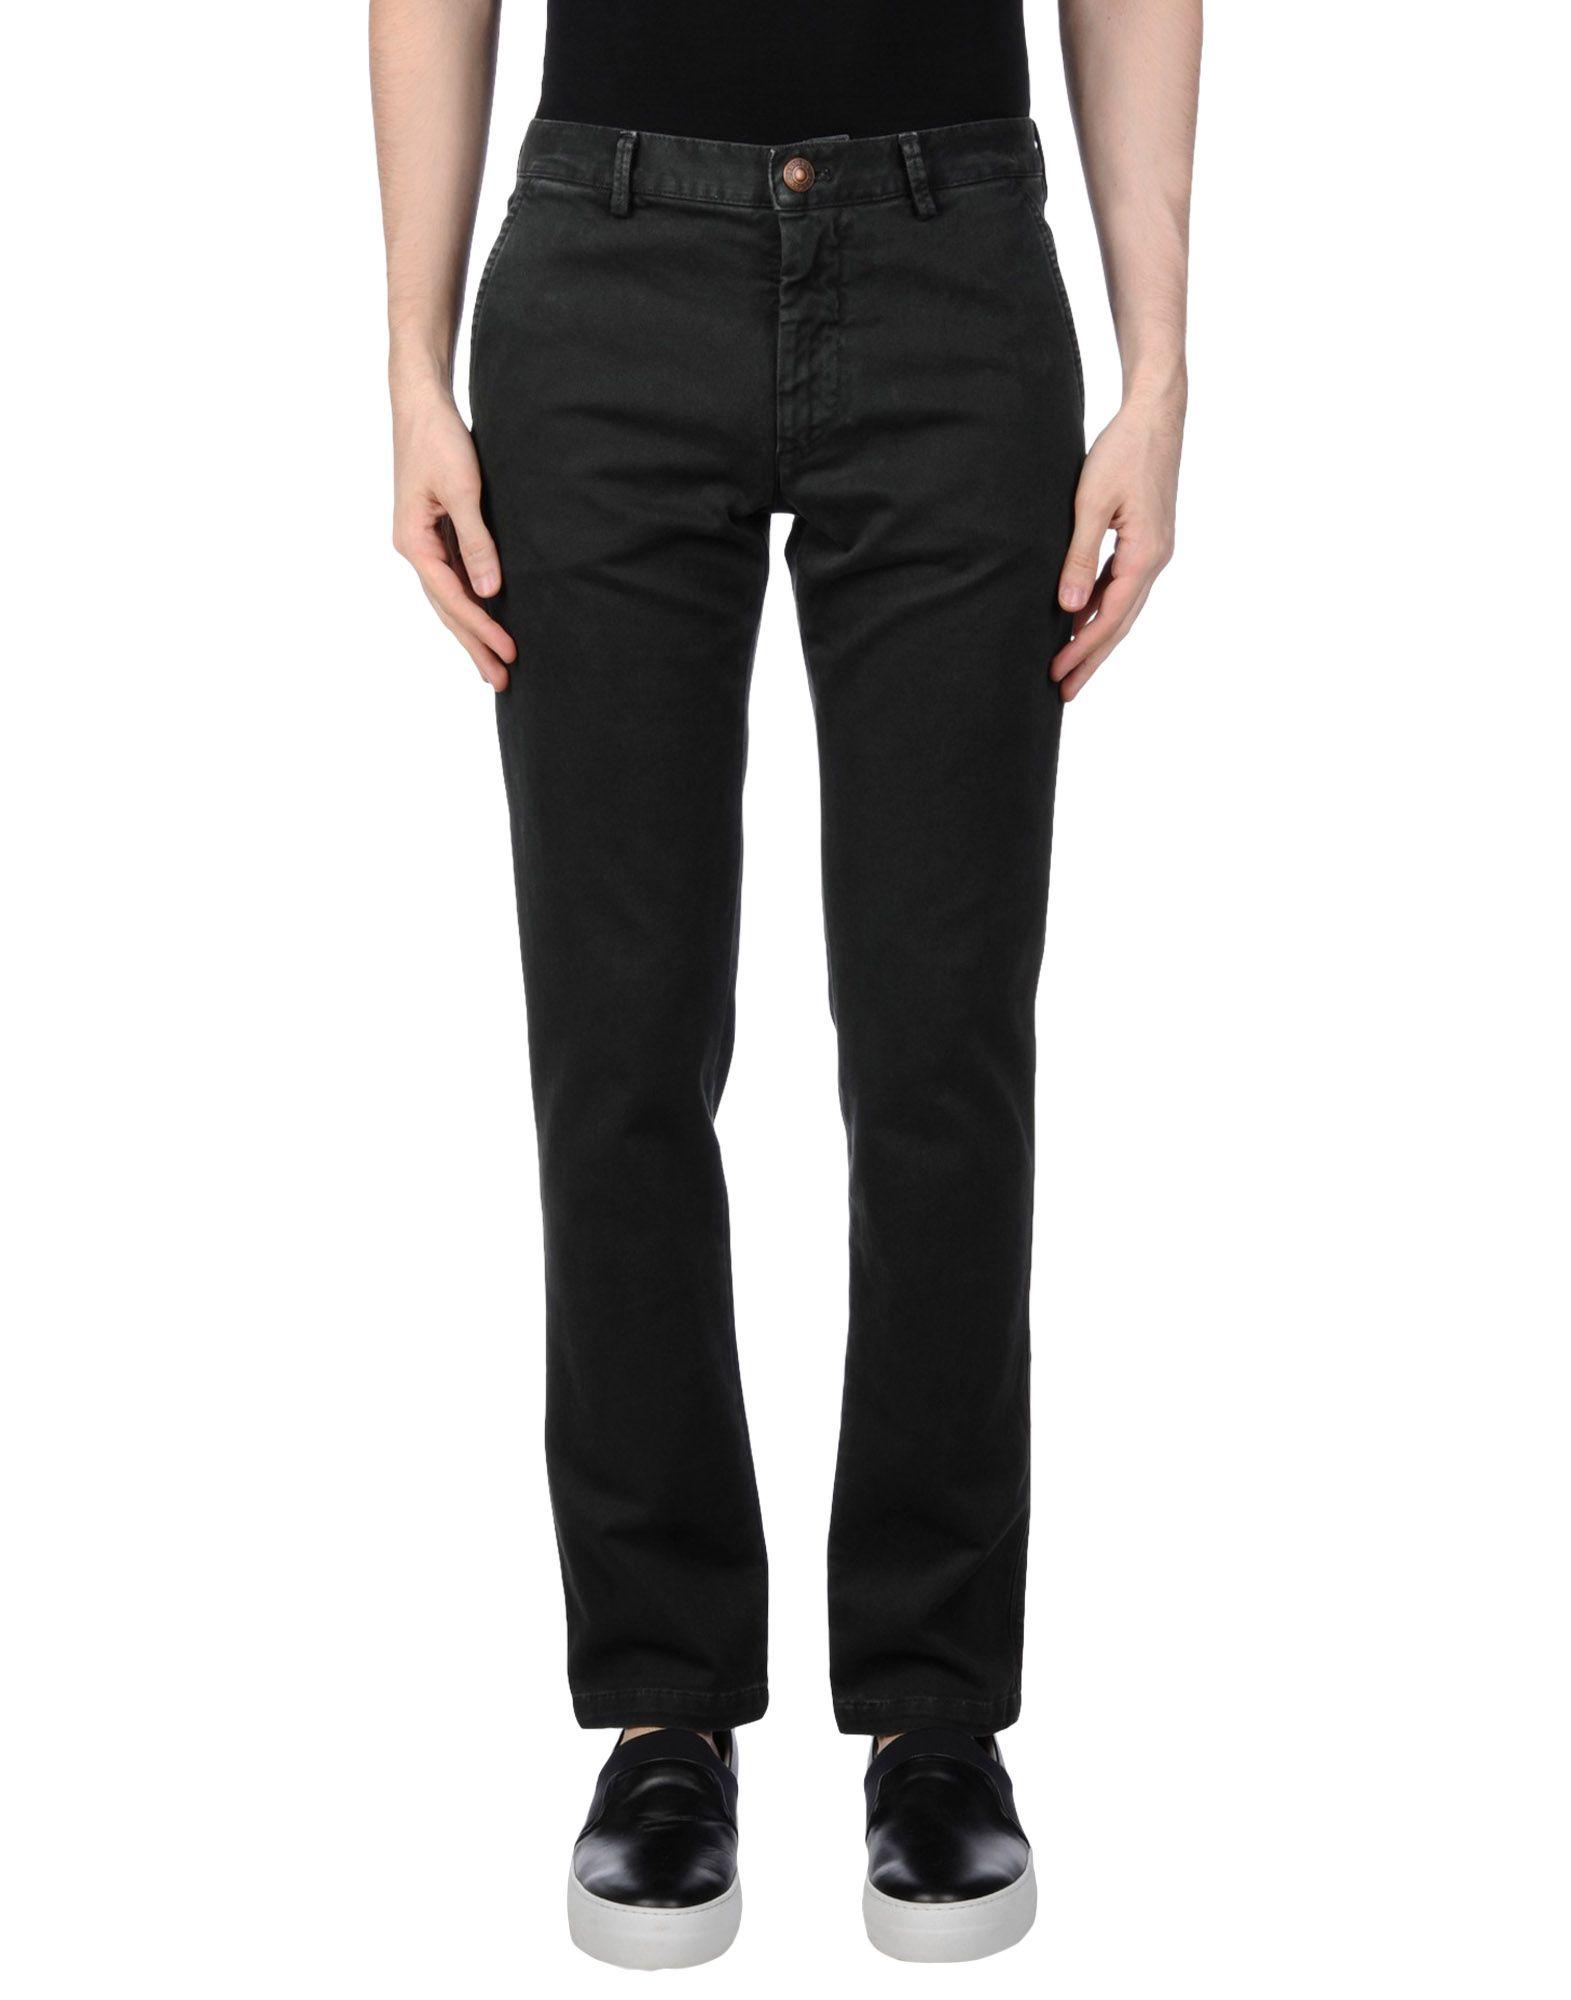 BASICON Повседневные брюки брюки сноубордические цена 1500